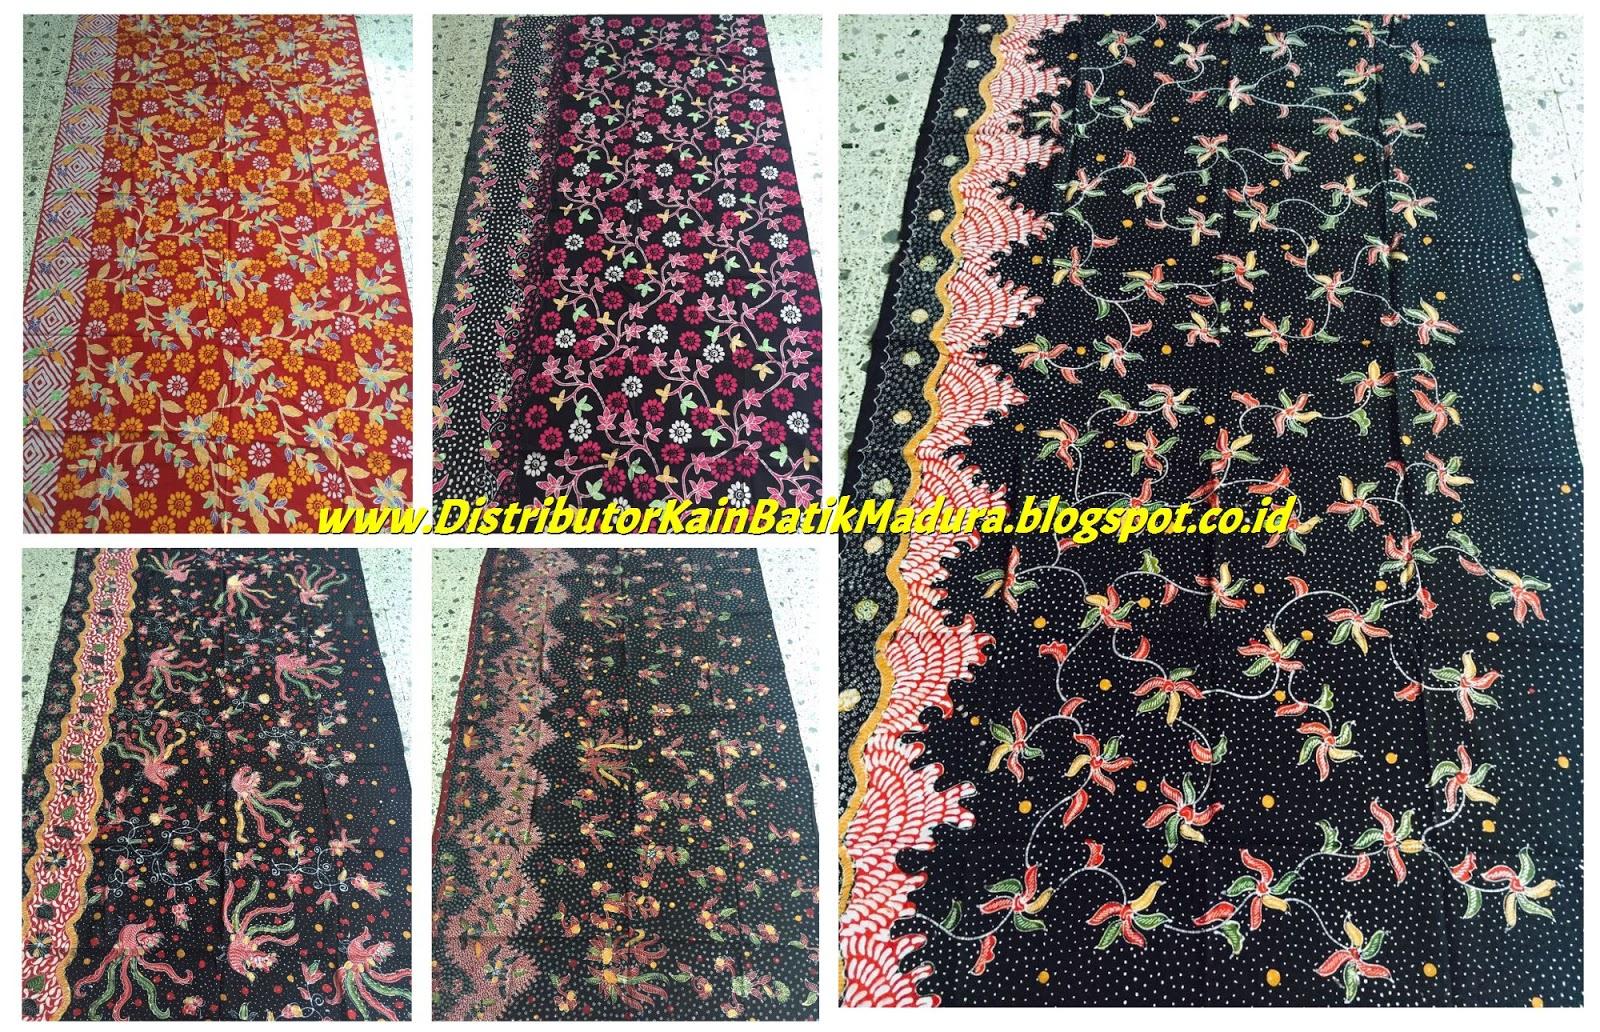 Anda mungkin sedang membutuhkan bahan kain batik tulis madura untuk  kebutuhan pembuatan produk atau busana 3e8cd239af